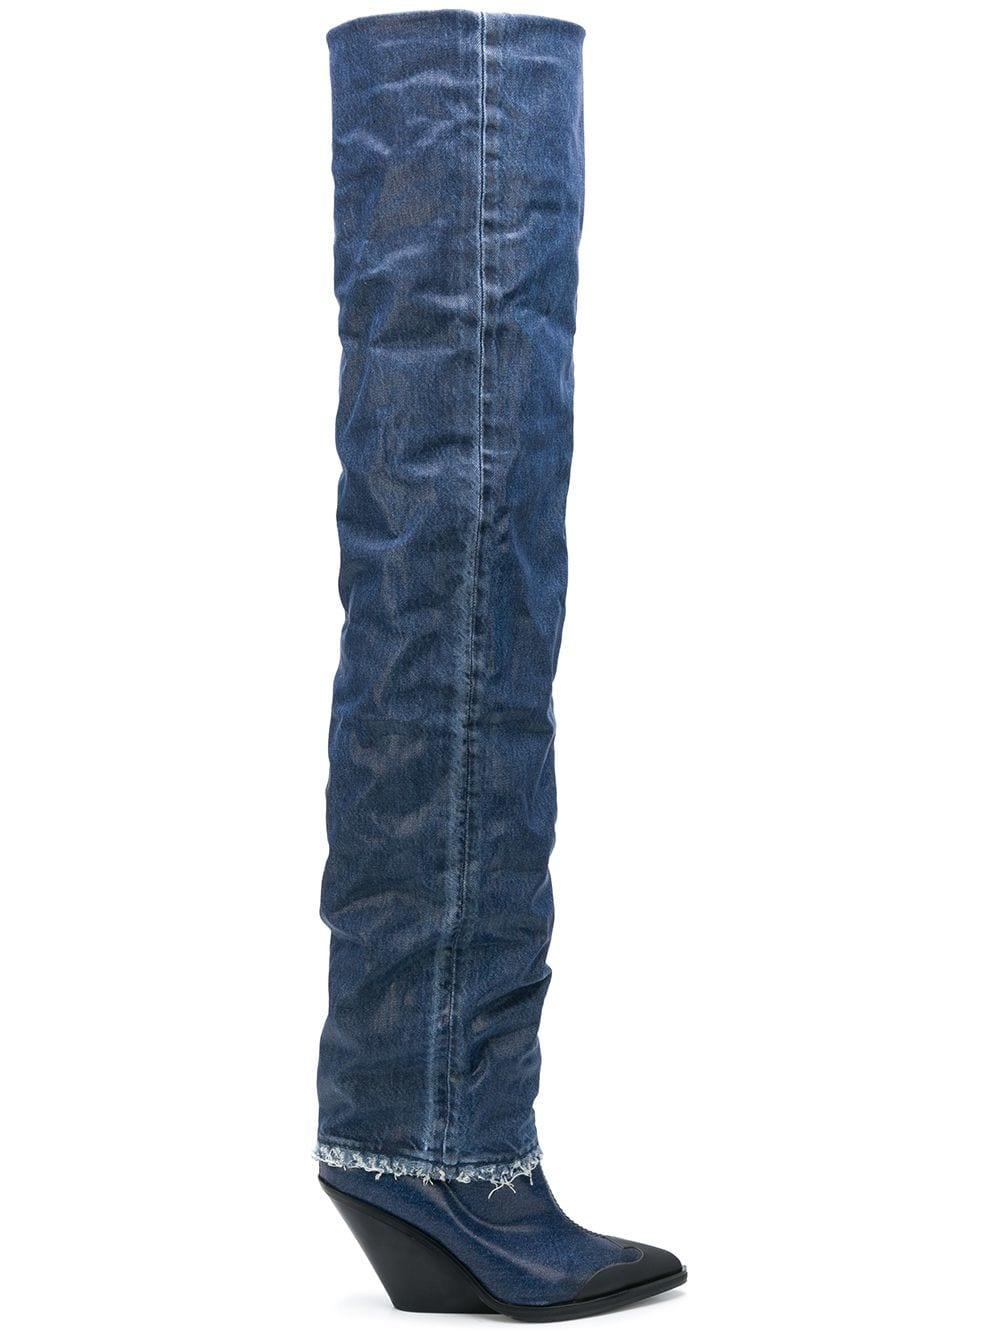 Diesel Overknee-Stiefel aus Denim - Blau